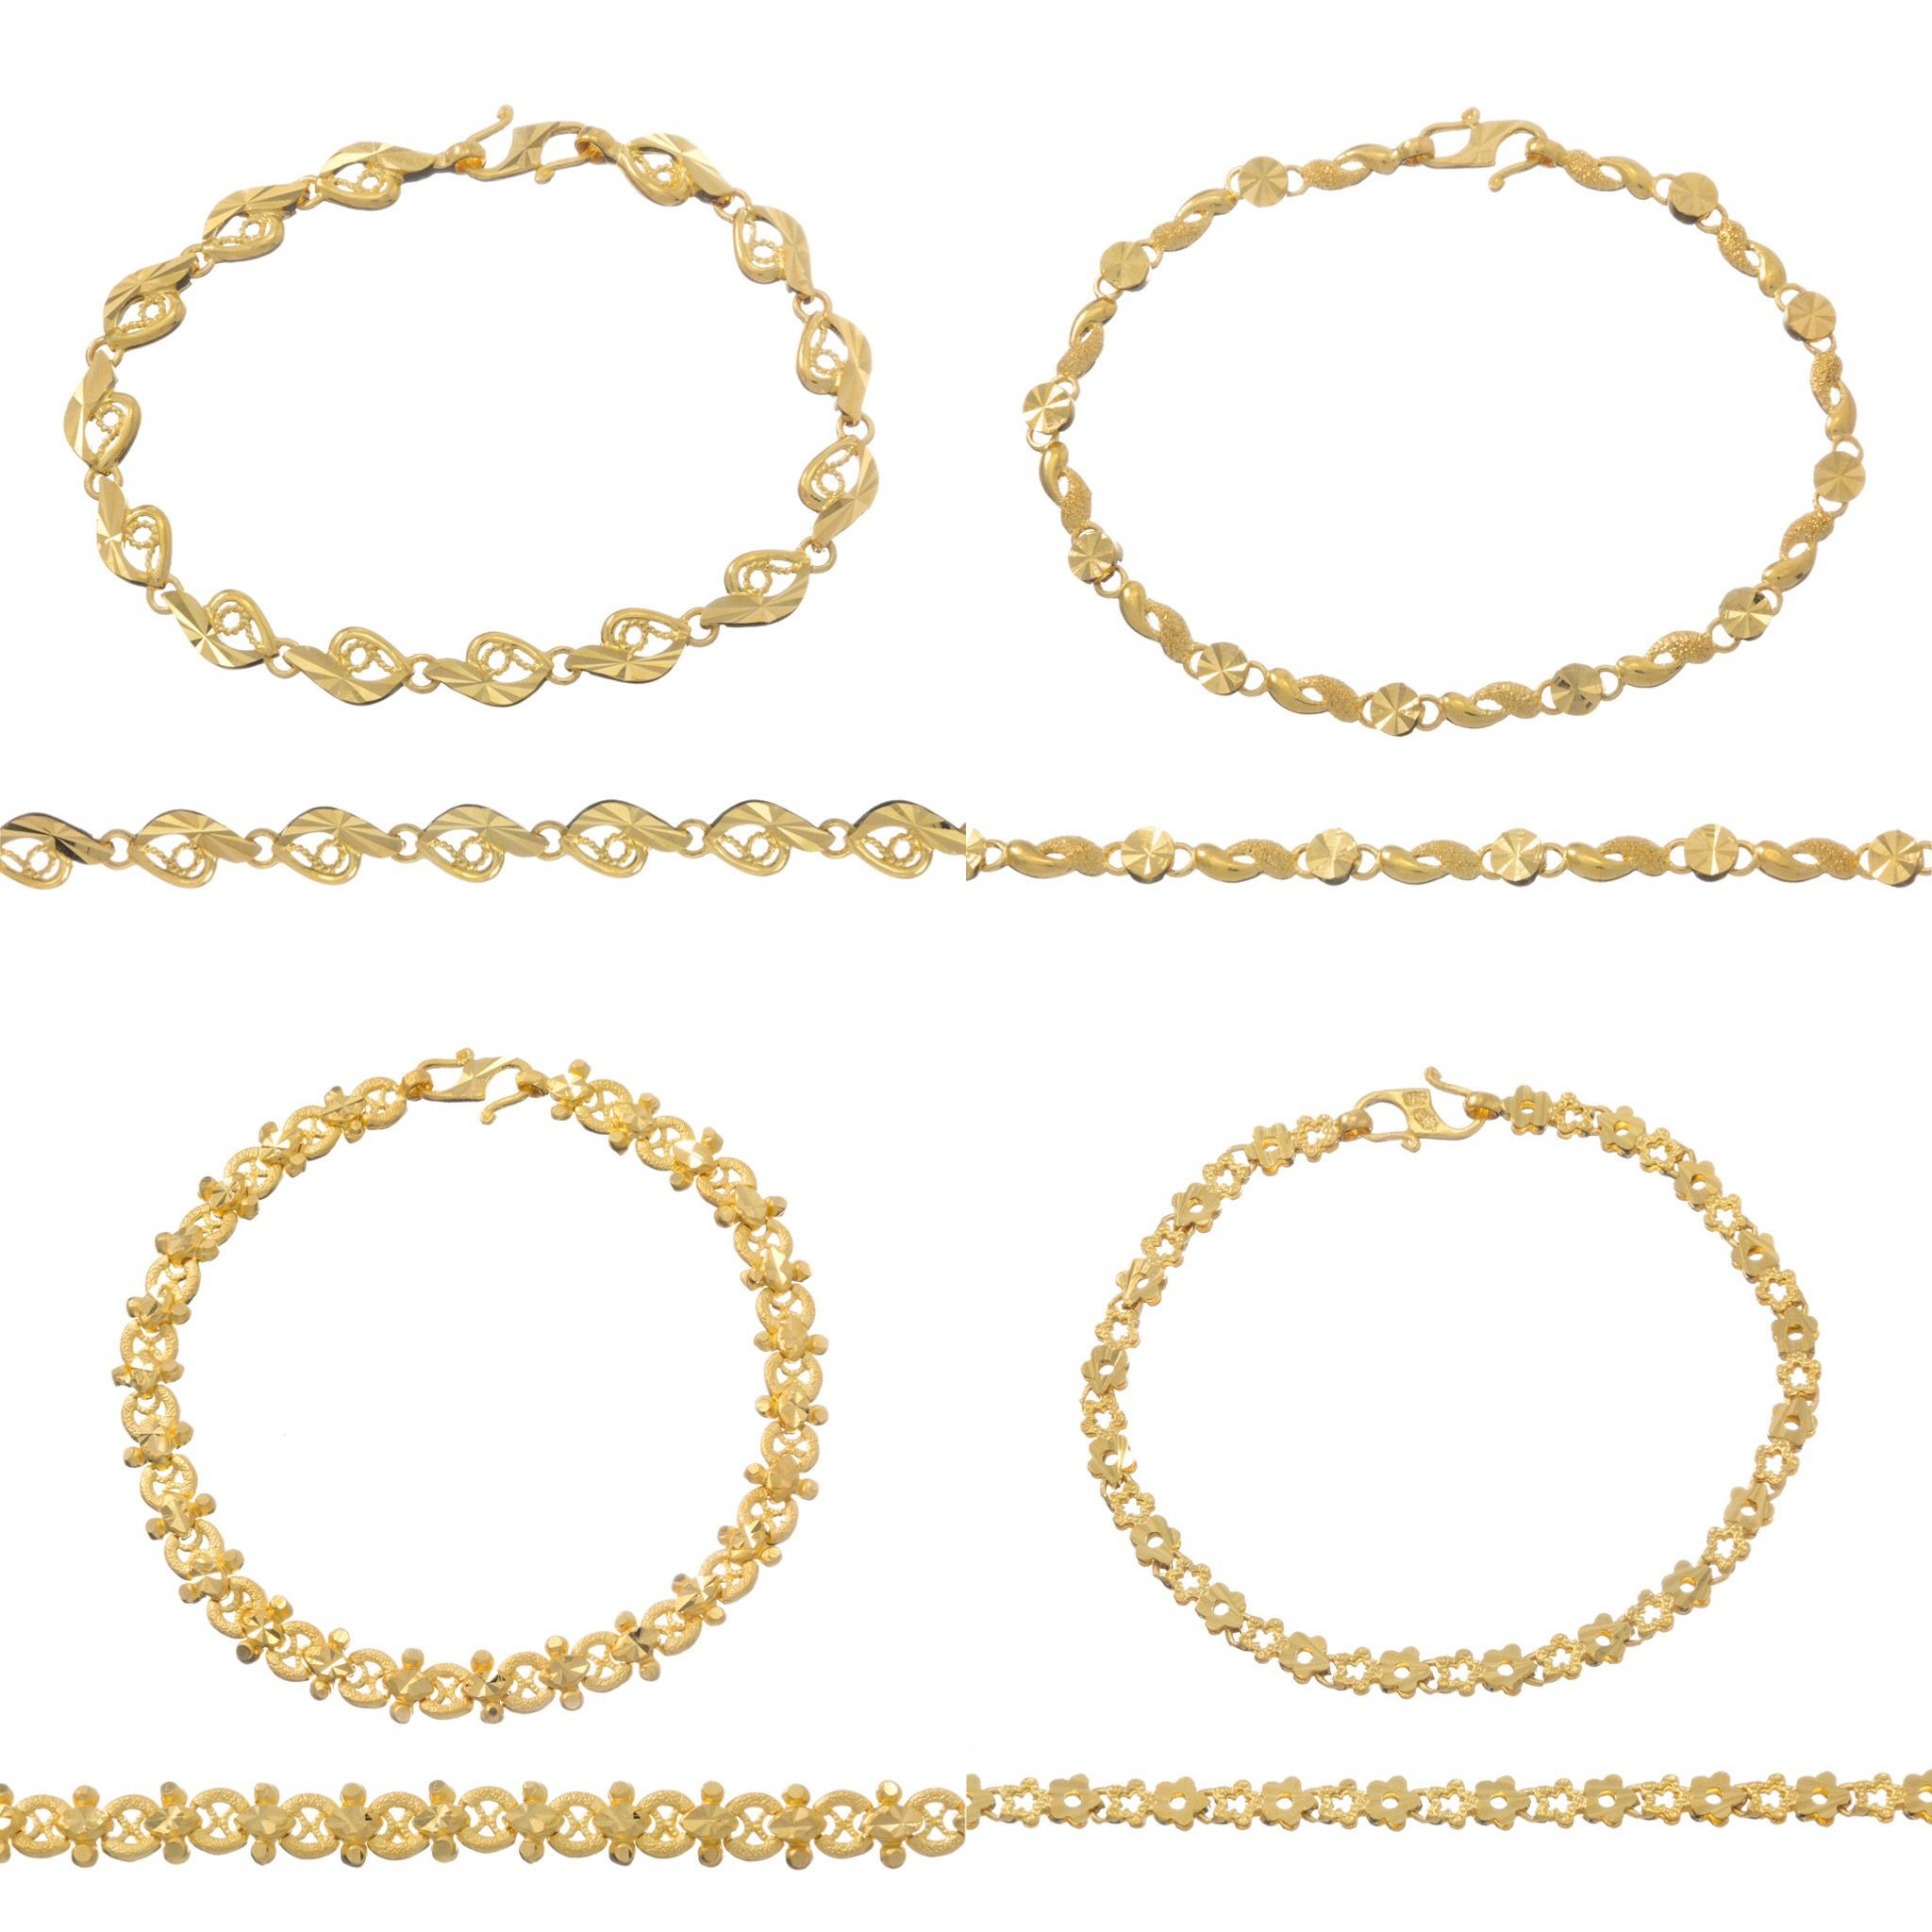 23+ Buy 14k gold jewelry wholesale ideas in 2021